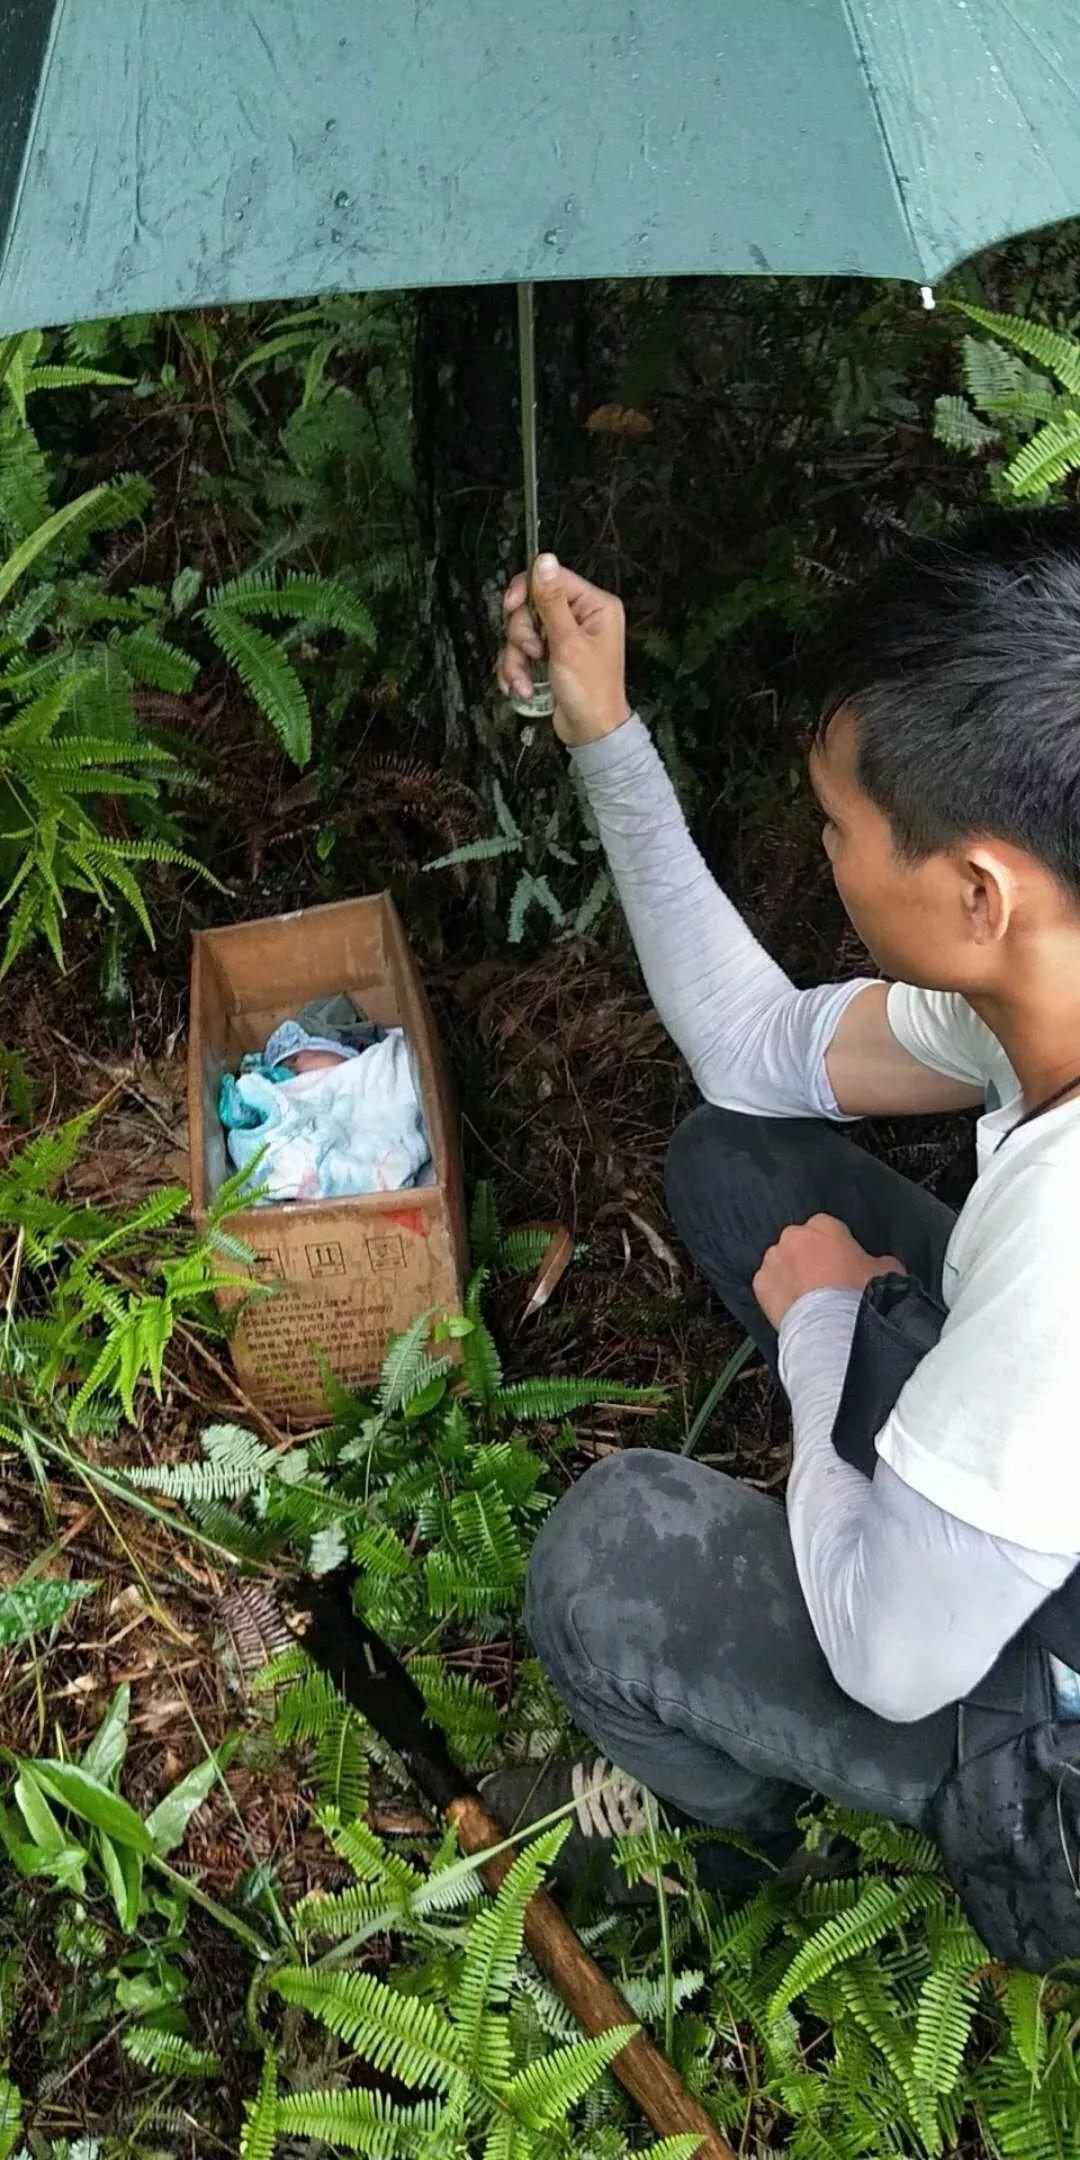 事发钦州: 孩子刚出生便被遗弃 据了解,发现婴儿的是一名某通讯运营图片